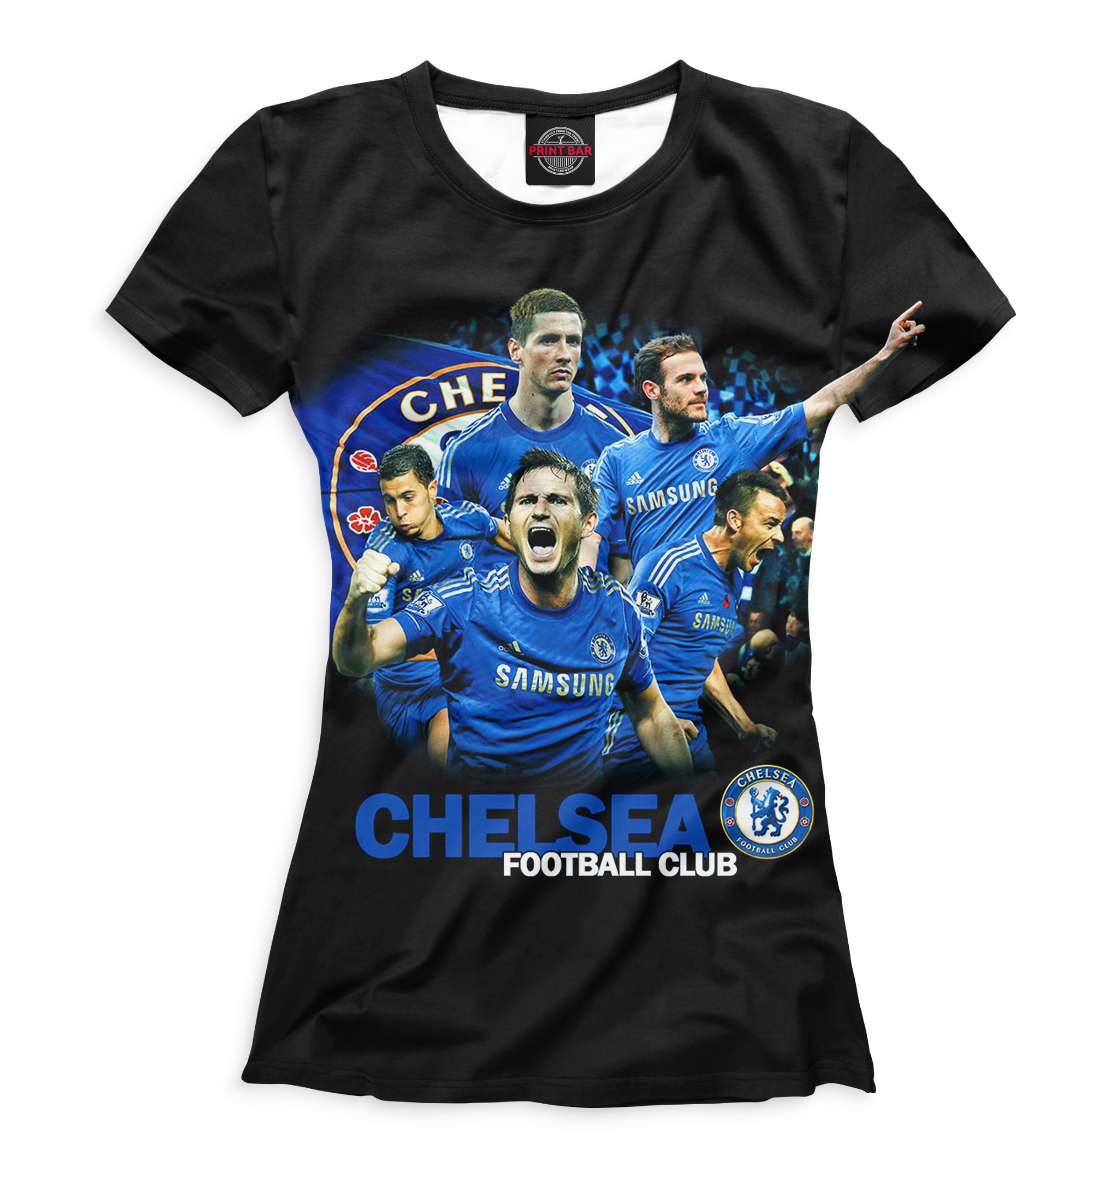 Купить Футболка для девочек Chelsea CHL-889686-fut-1